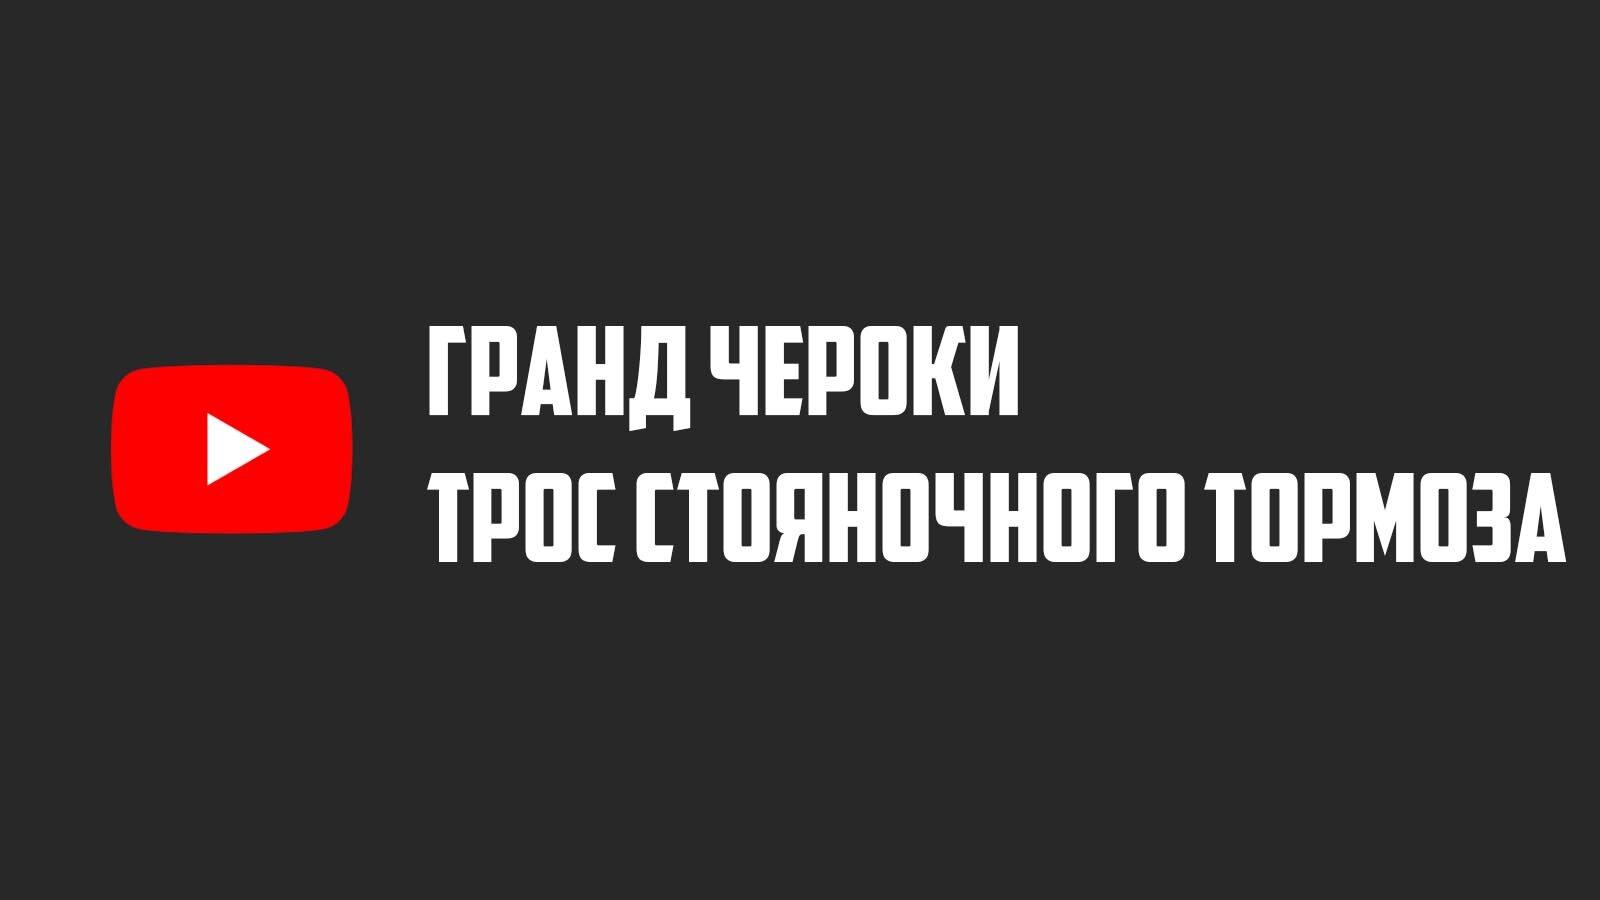 Трос стояночного тормоза Гранд Чероки WK2